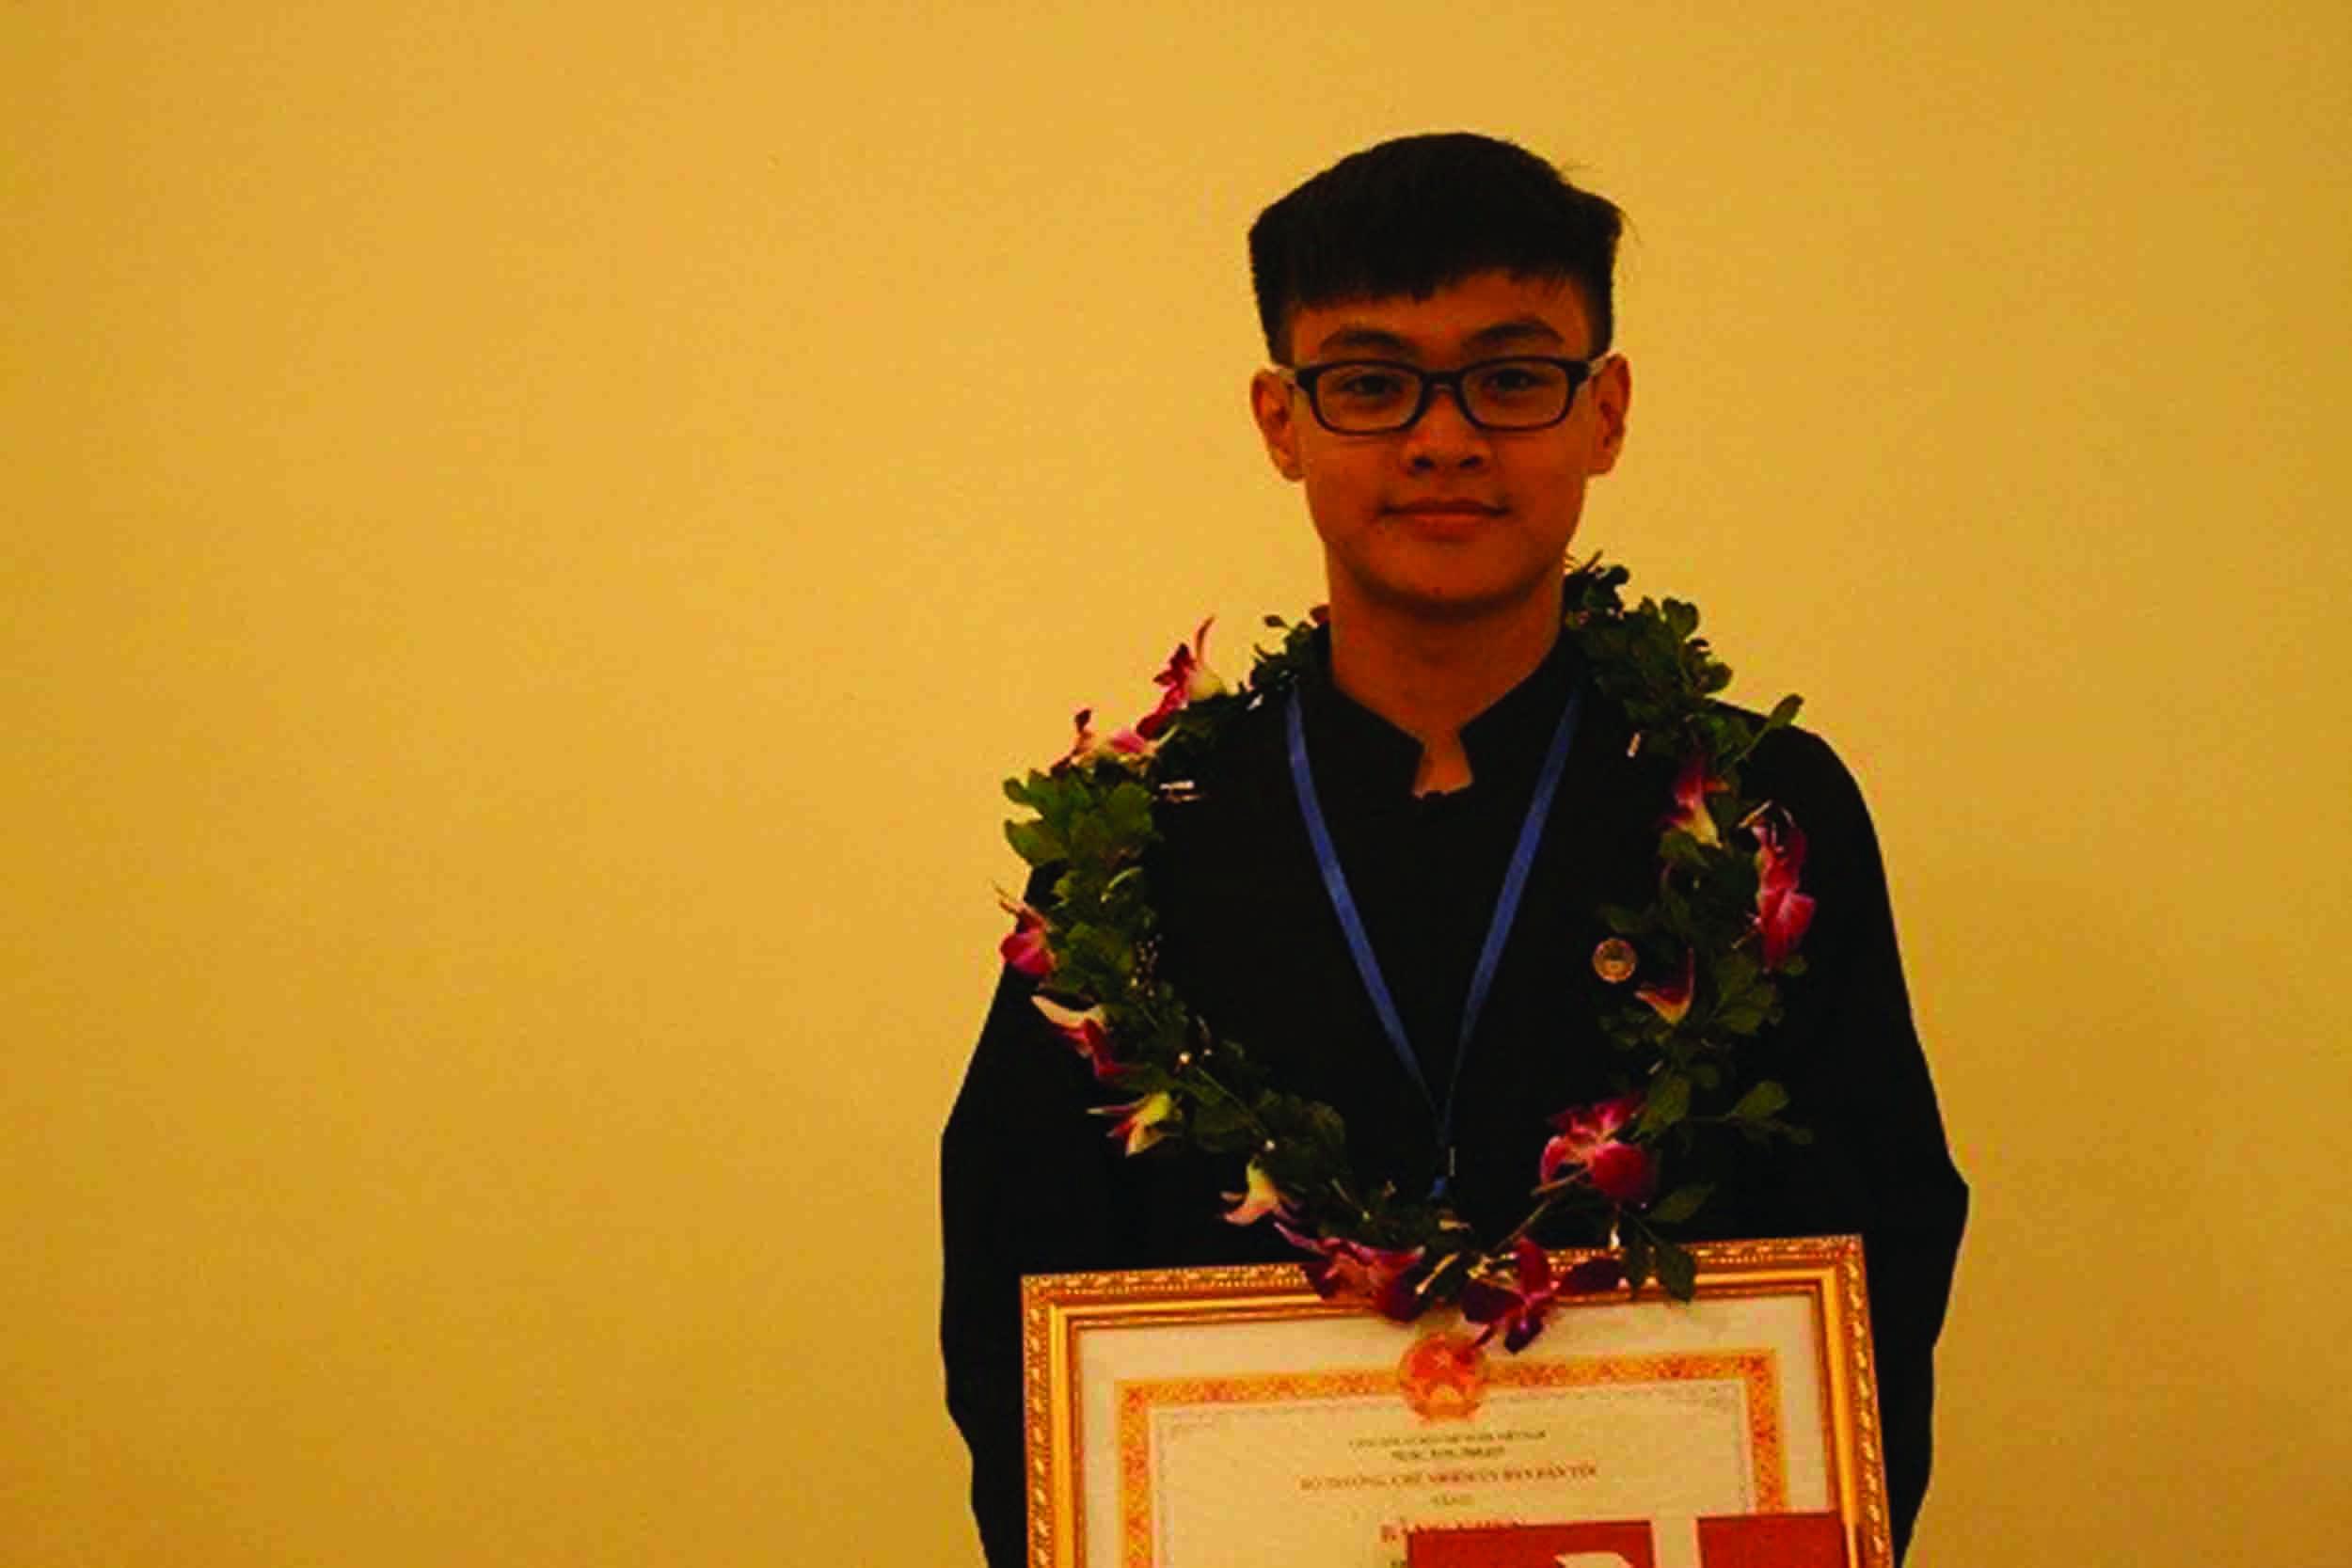 Hà Lê Huy Năng nhận Bằng khen tại LễTuyên dương học sinh, sinh viên DTTS xuất sắc, tiêu biểu năm 2018.